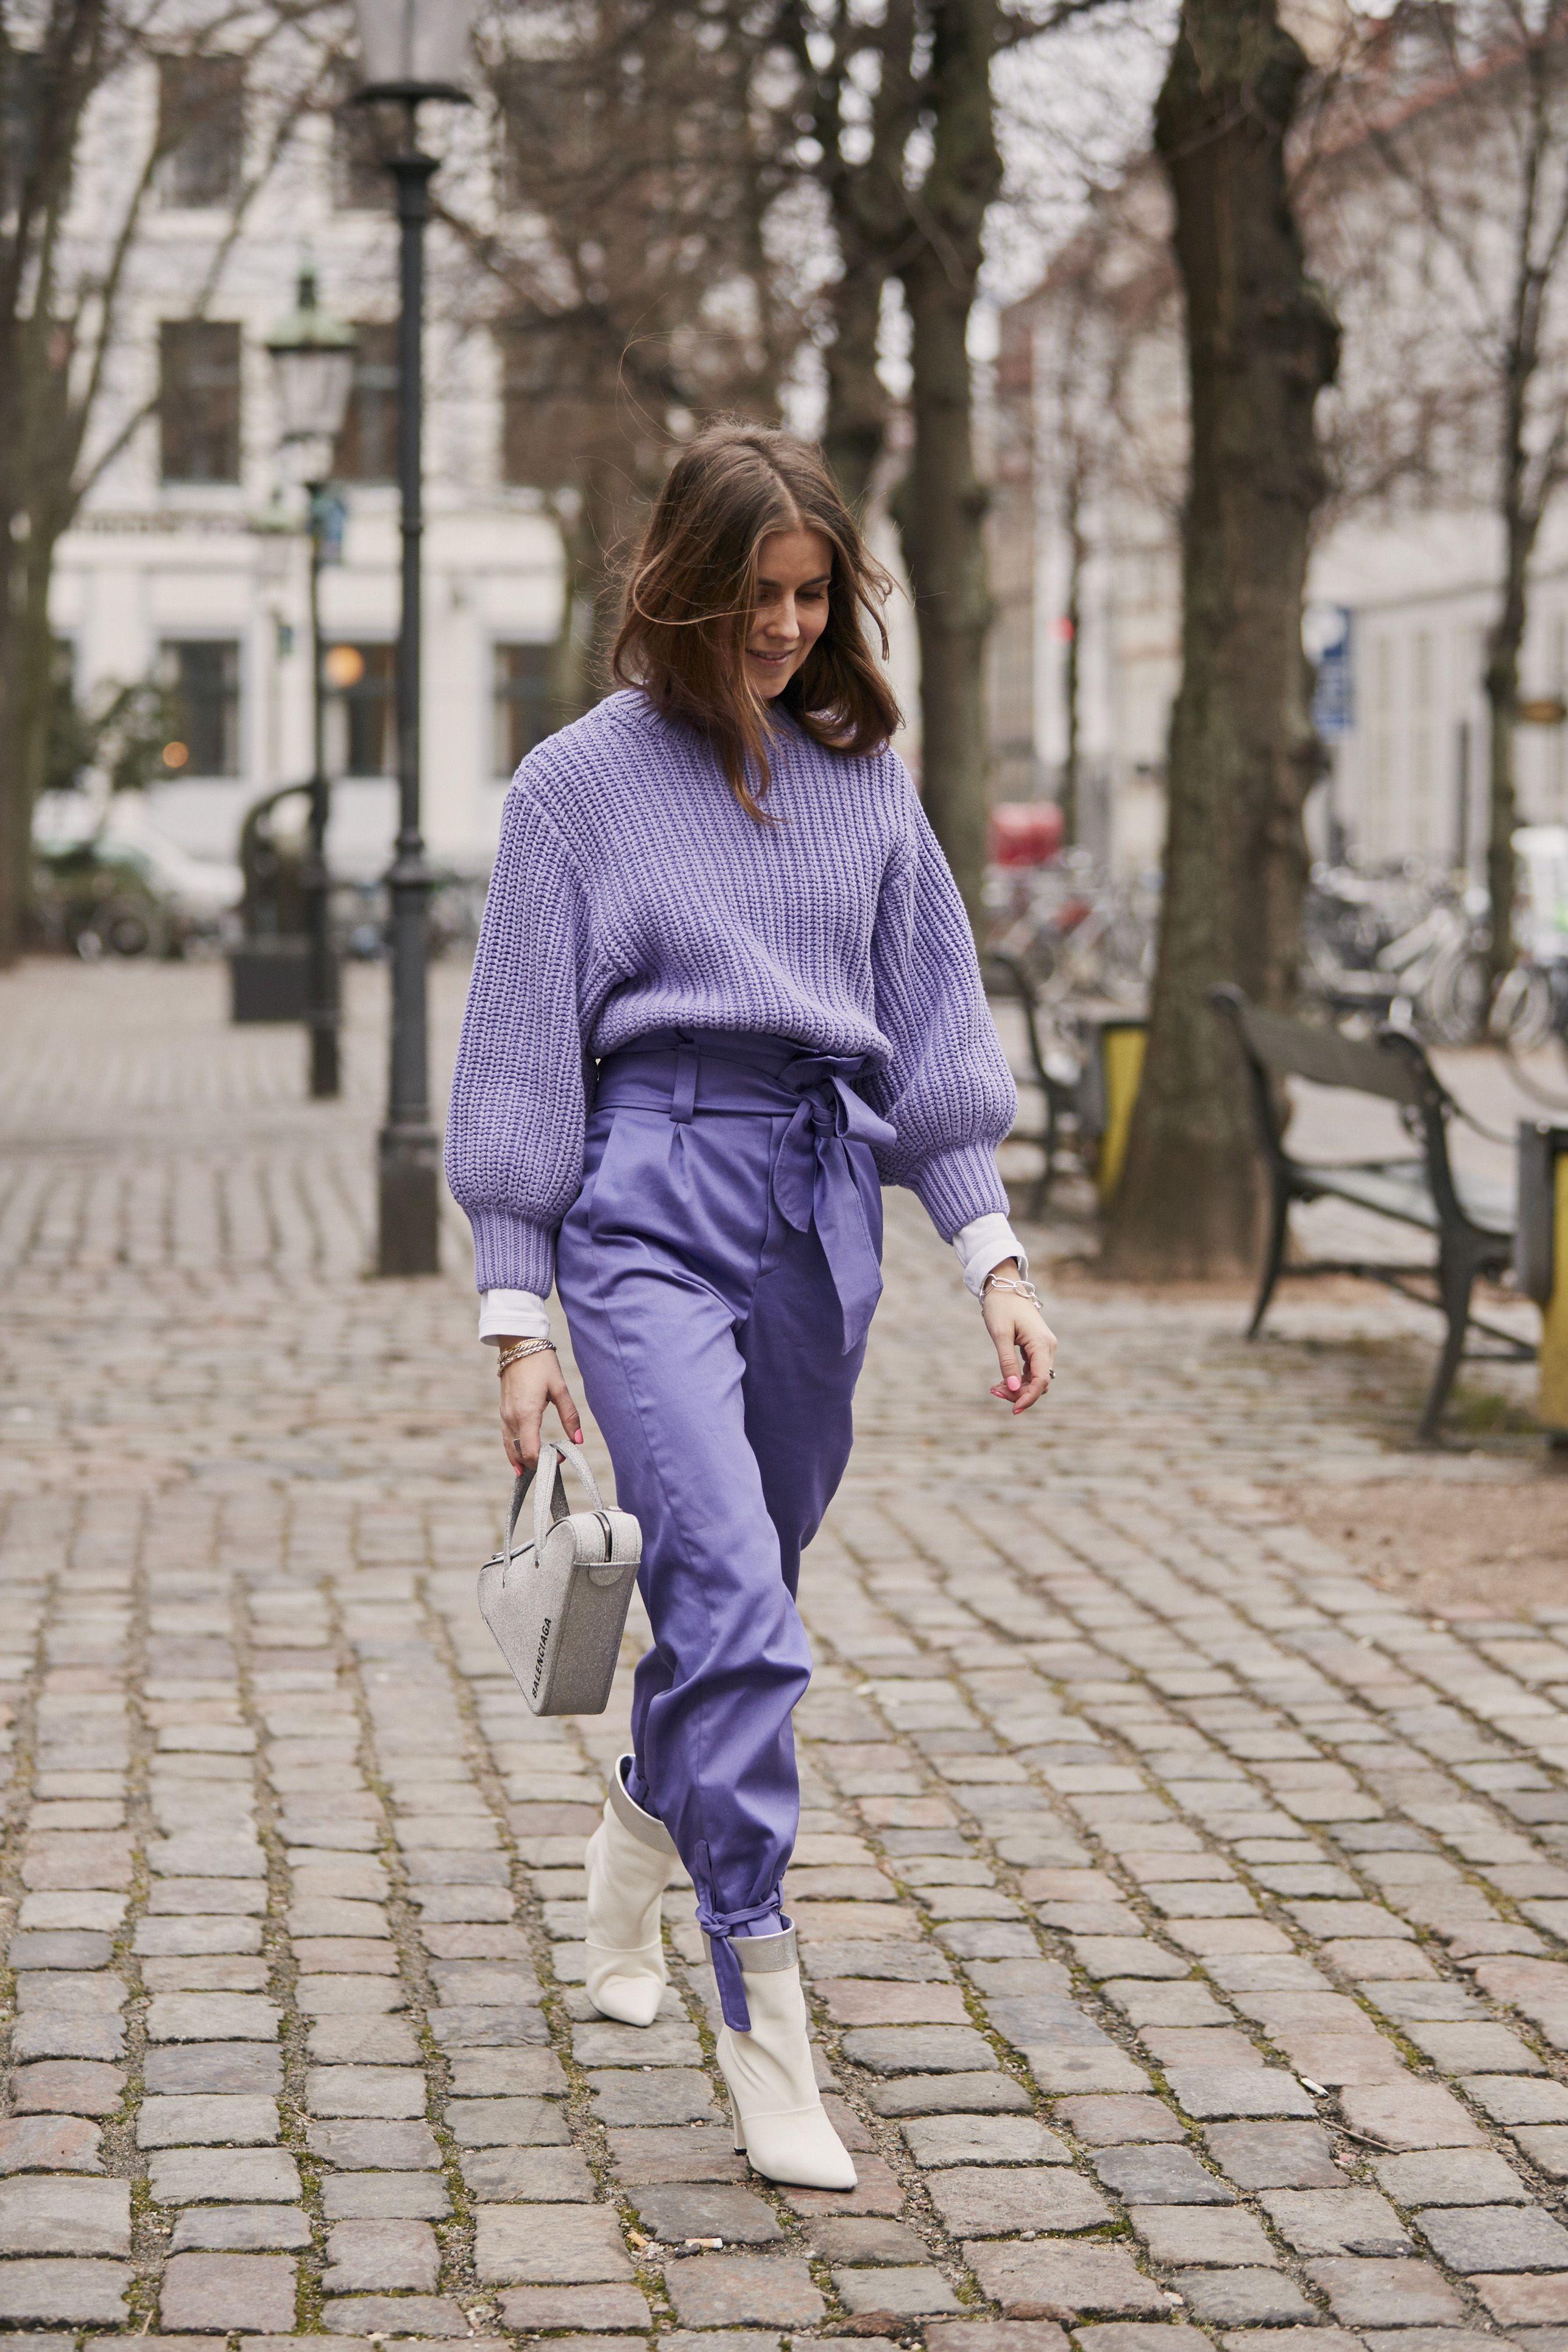 street style new york fashion week, colori moda 2019, come abbinare il viola, come abbinare il lilla, moda colour pastello 2019, come abbinare il viola chiara, come abbinare i colori nell'abbigliamento, come abbinare i colori nell'abbigliamento, look moda 2019